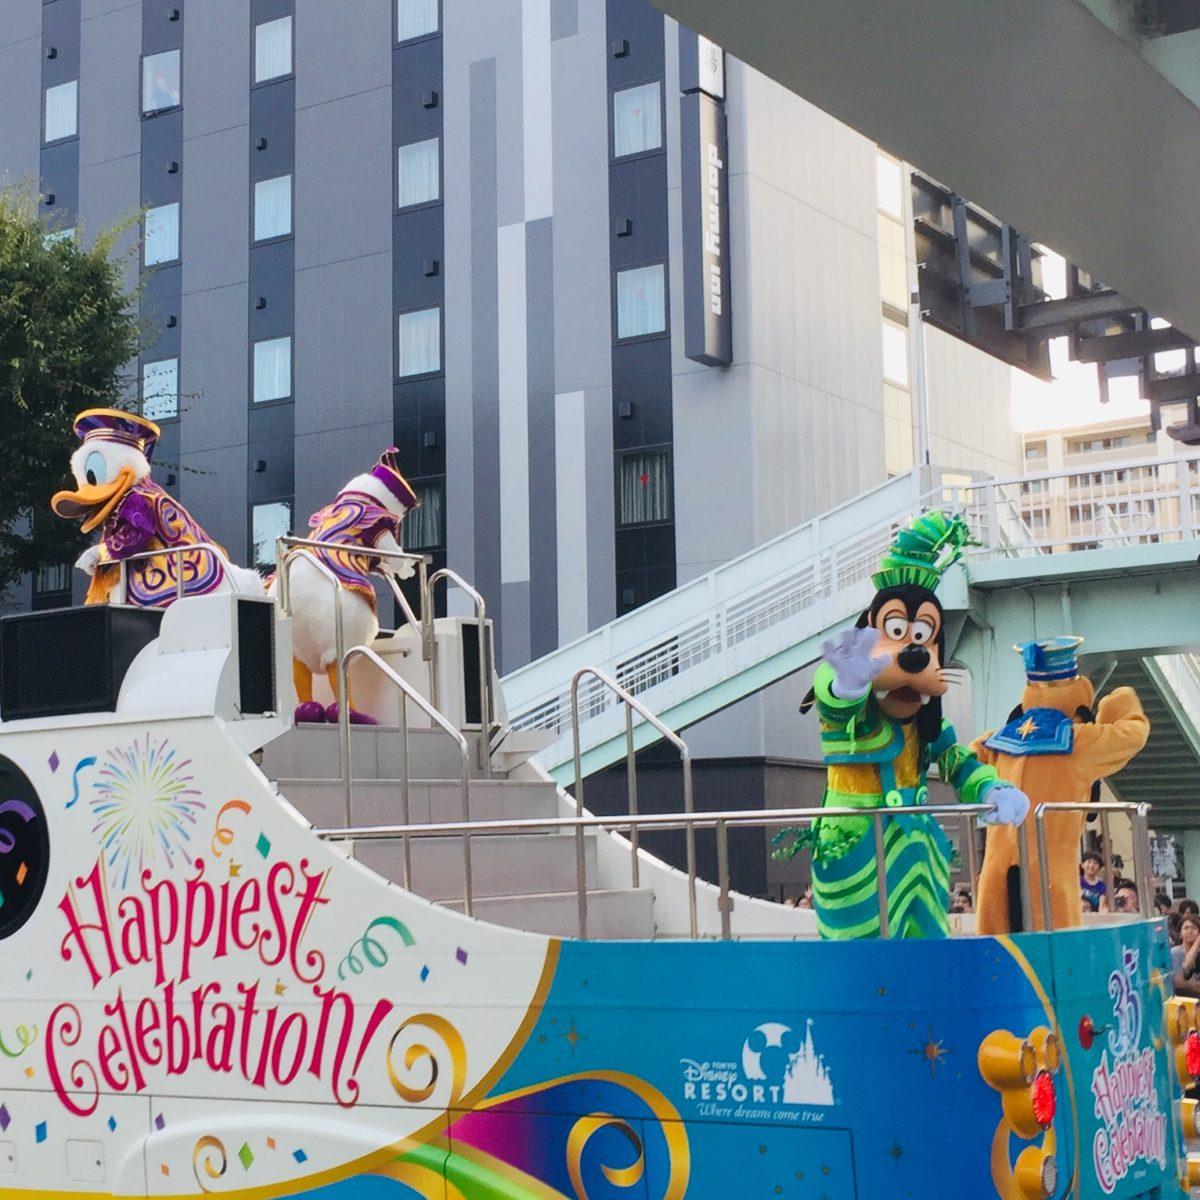 甲府市で開かれた東京ディズニーリゾート35周年スペシャルパレードでのドラルドダック